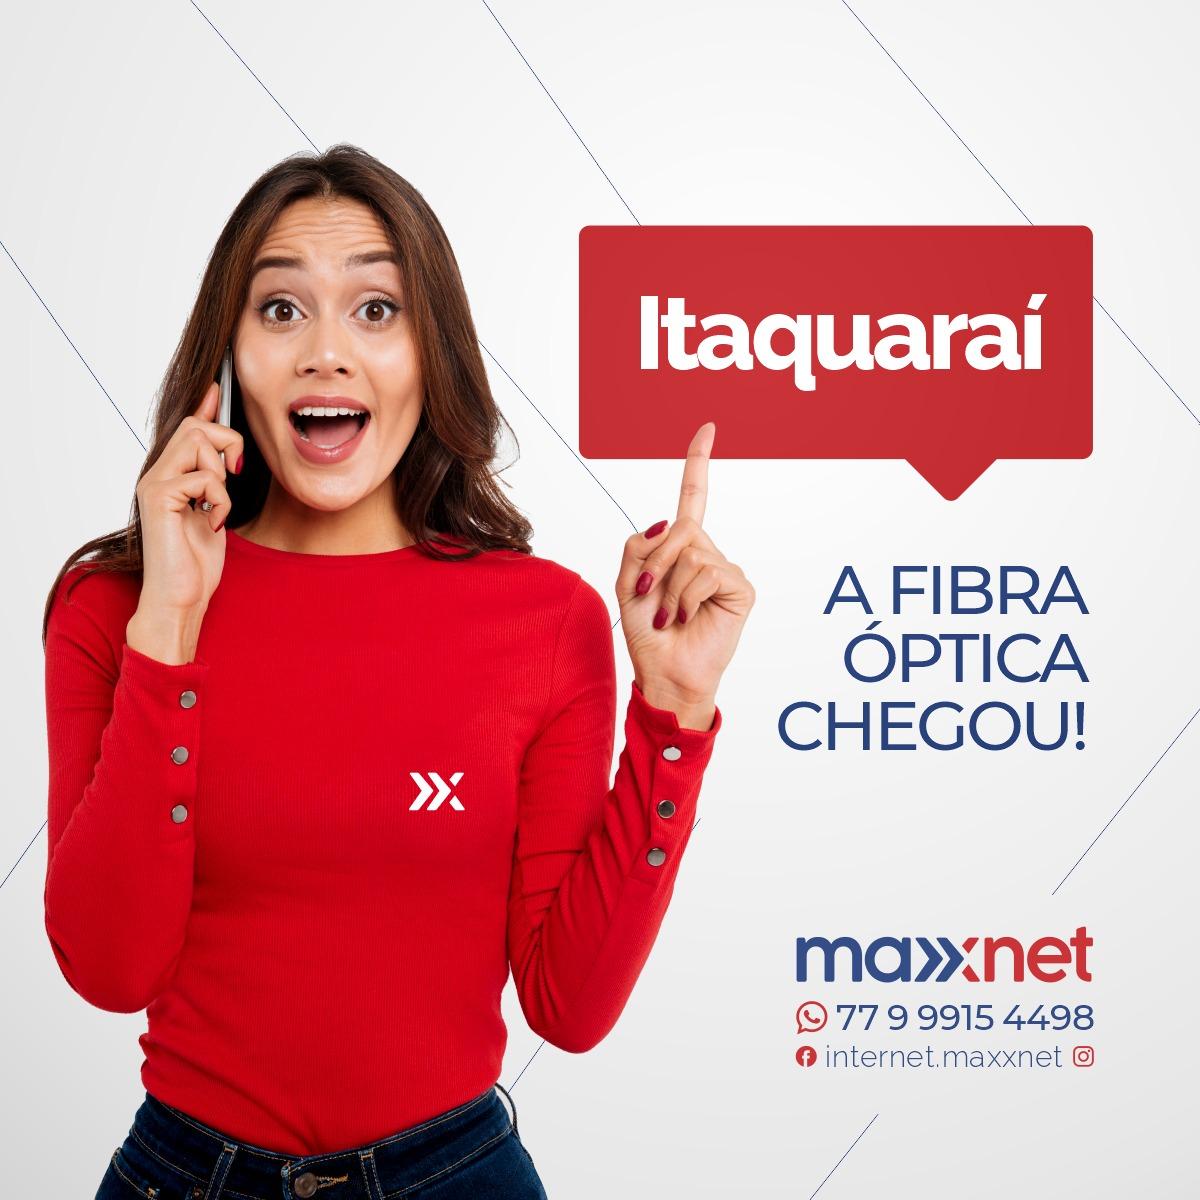 Brumado: Maxxnet chega ao distrito de Itaquaraí com internet via fibra óptica